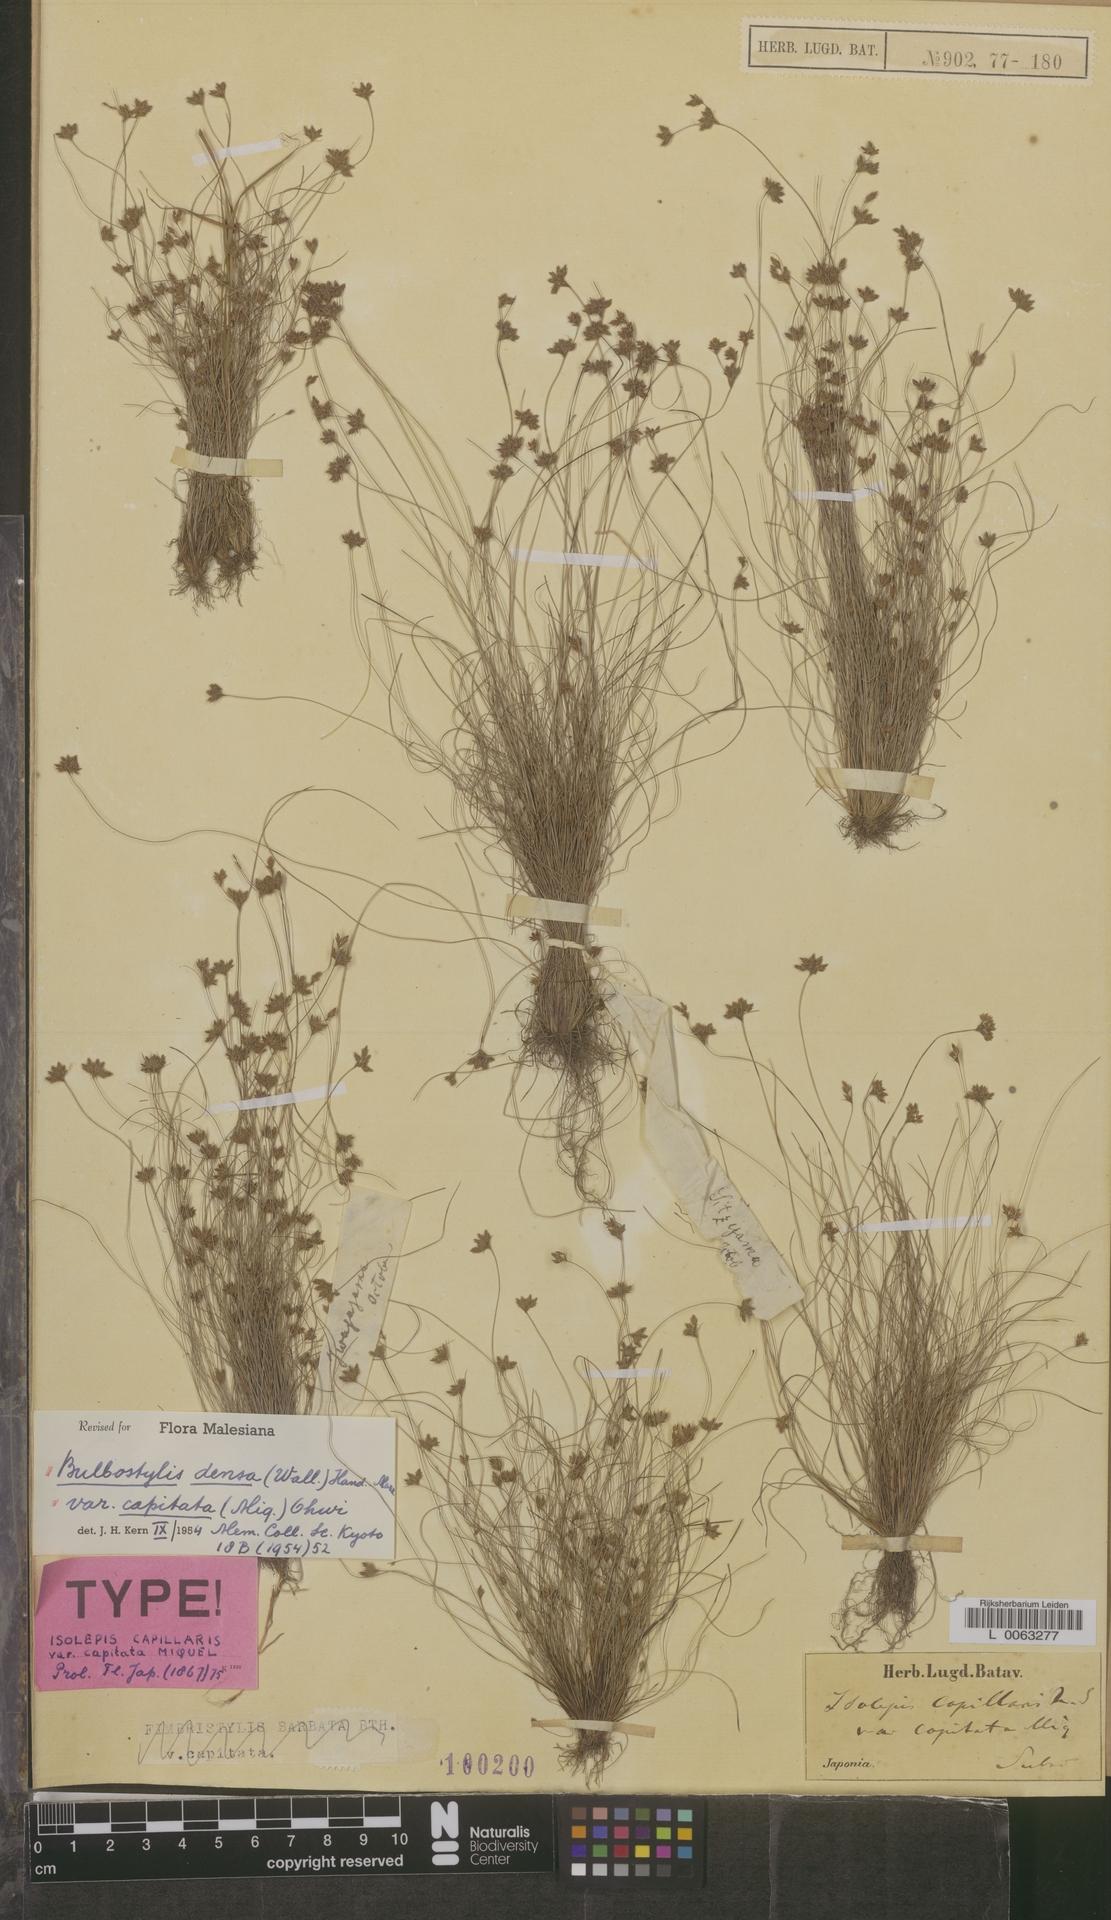 L  0063277 | Bulbostylis densa var. capitata (Miq.) Ohwi